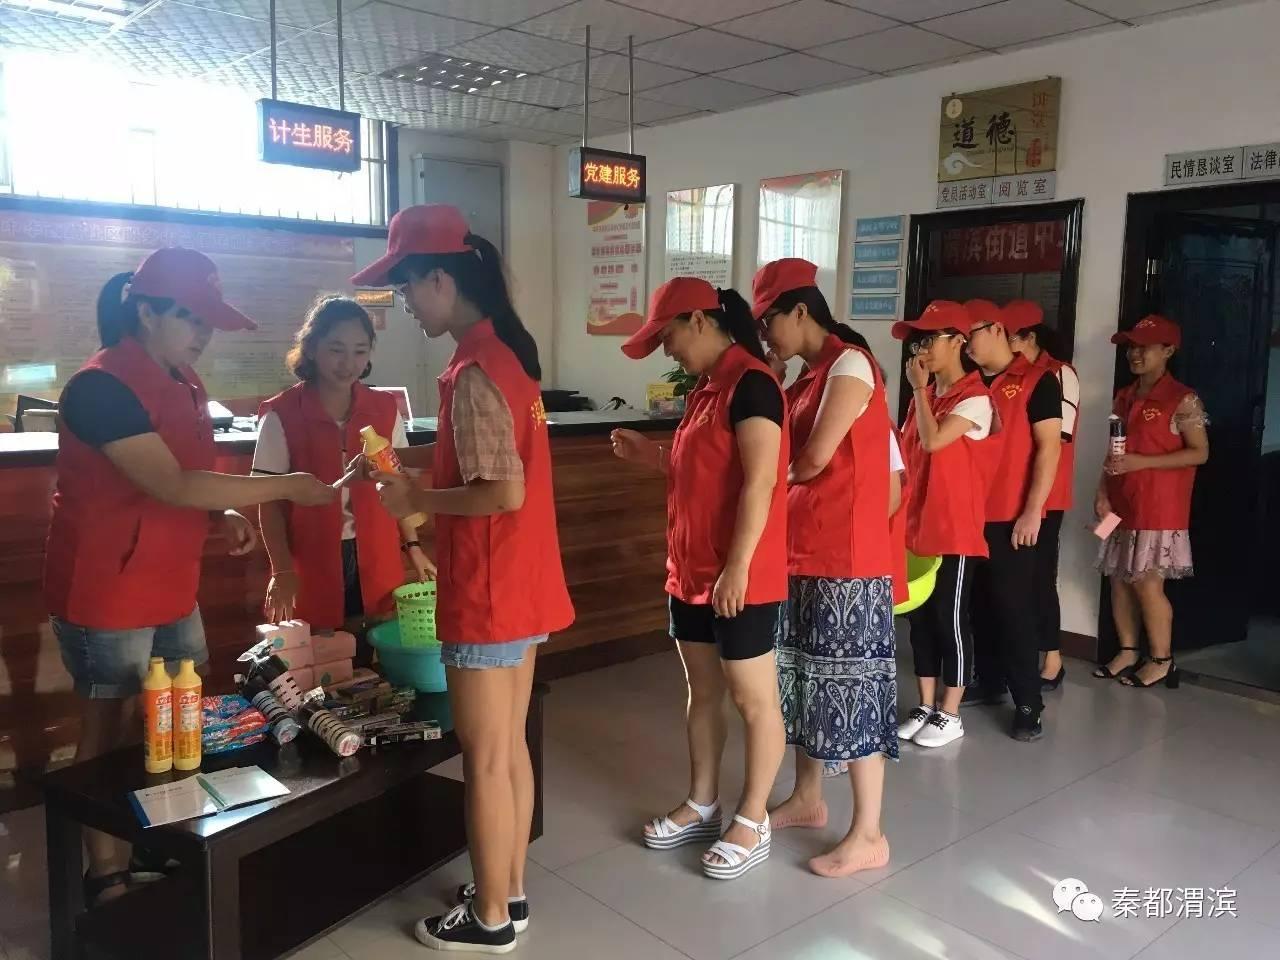 山东:实行志愿服务积分制 激发社区新活力